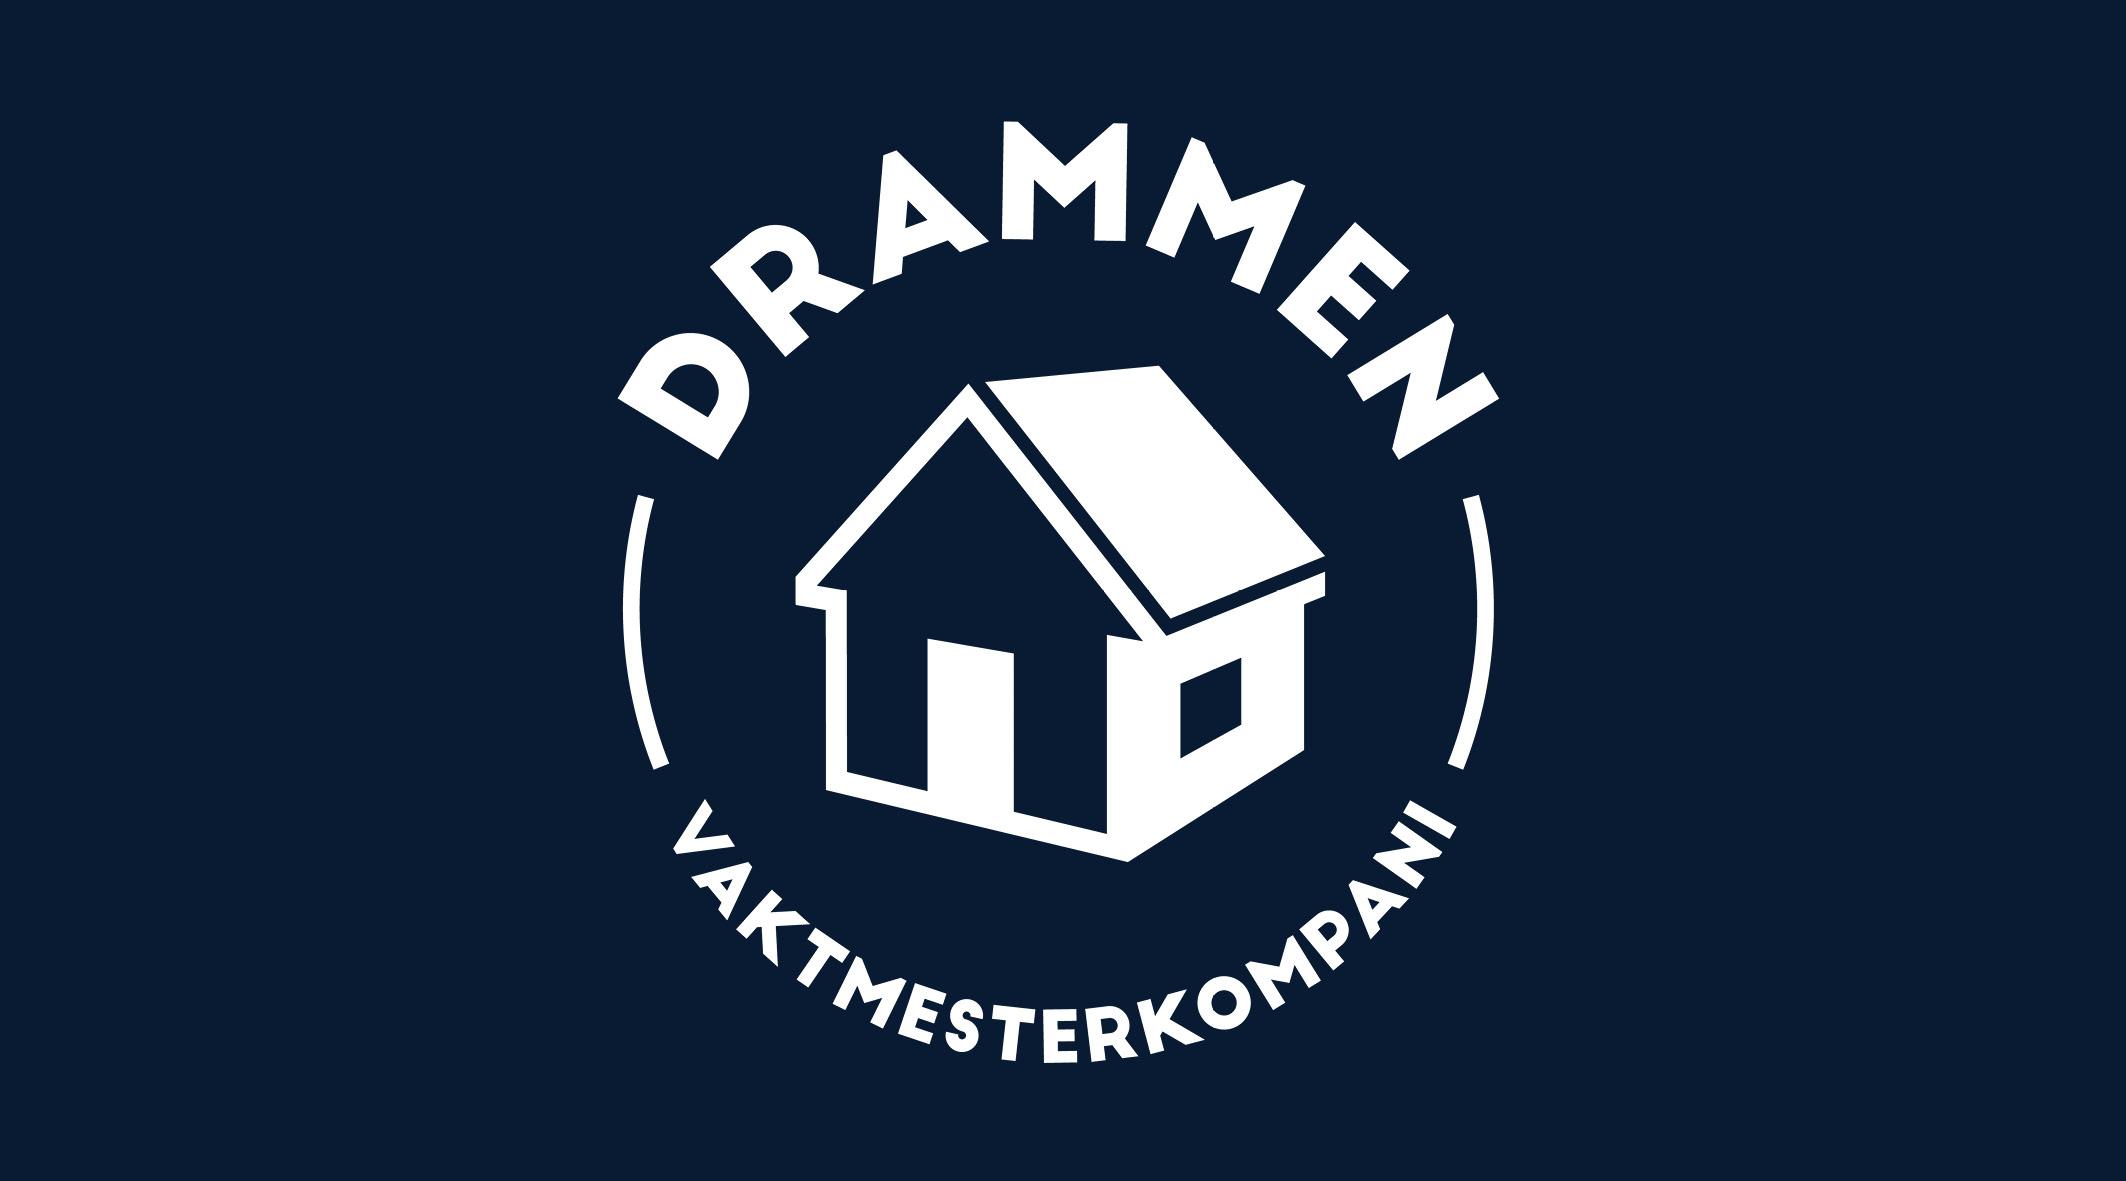 DRAMMEN VAKTMESTERKOMPANI - Logo og nettside for lokalt vaktmesterfirma